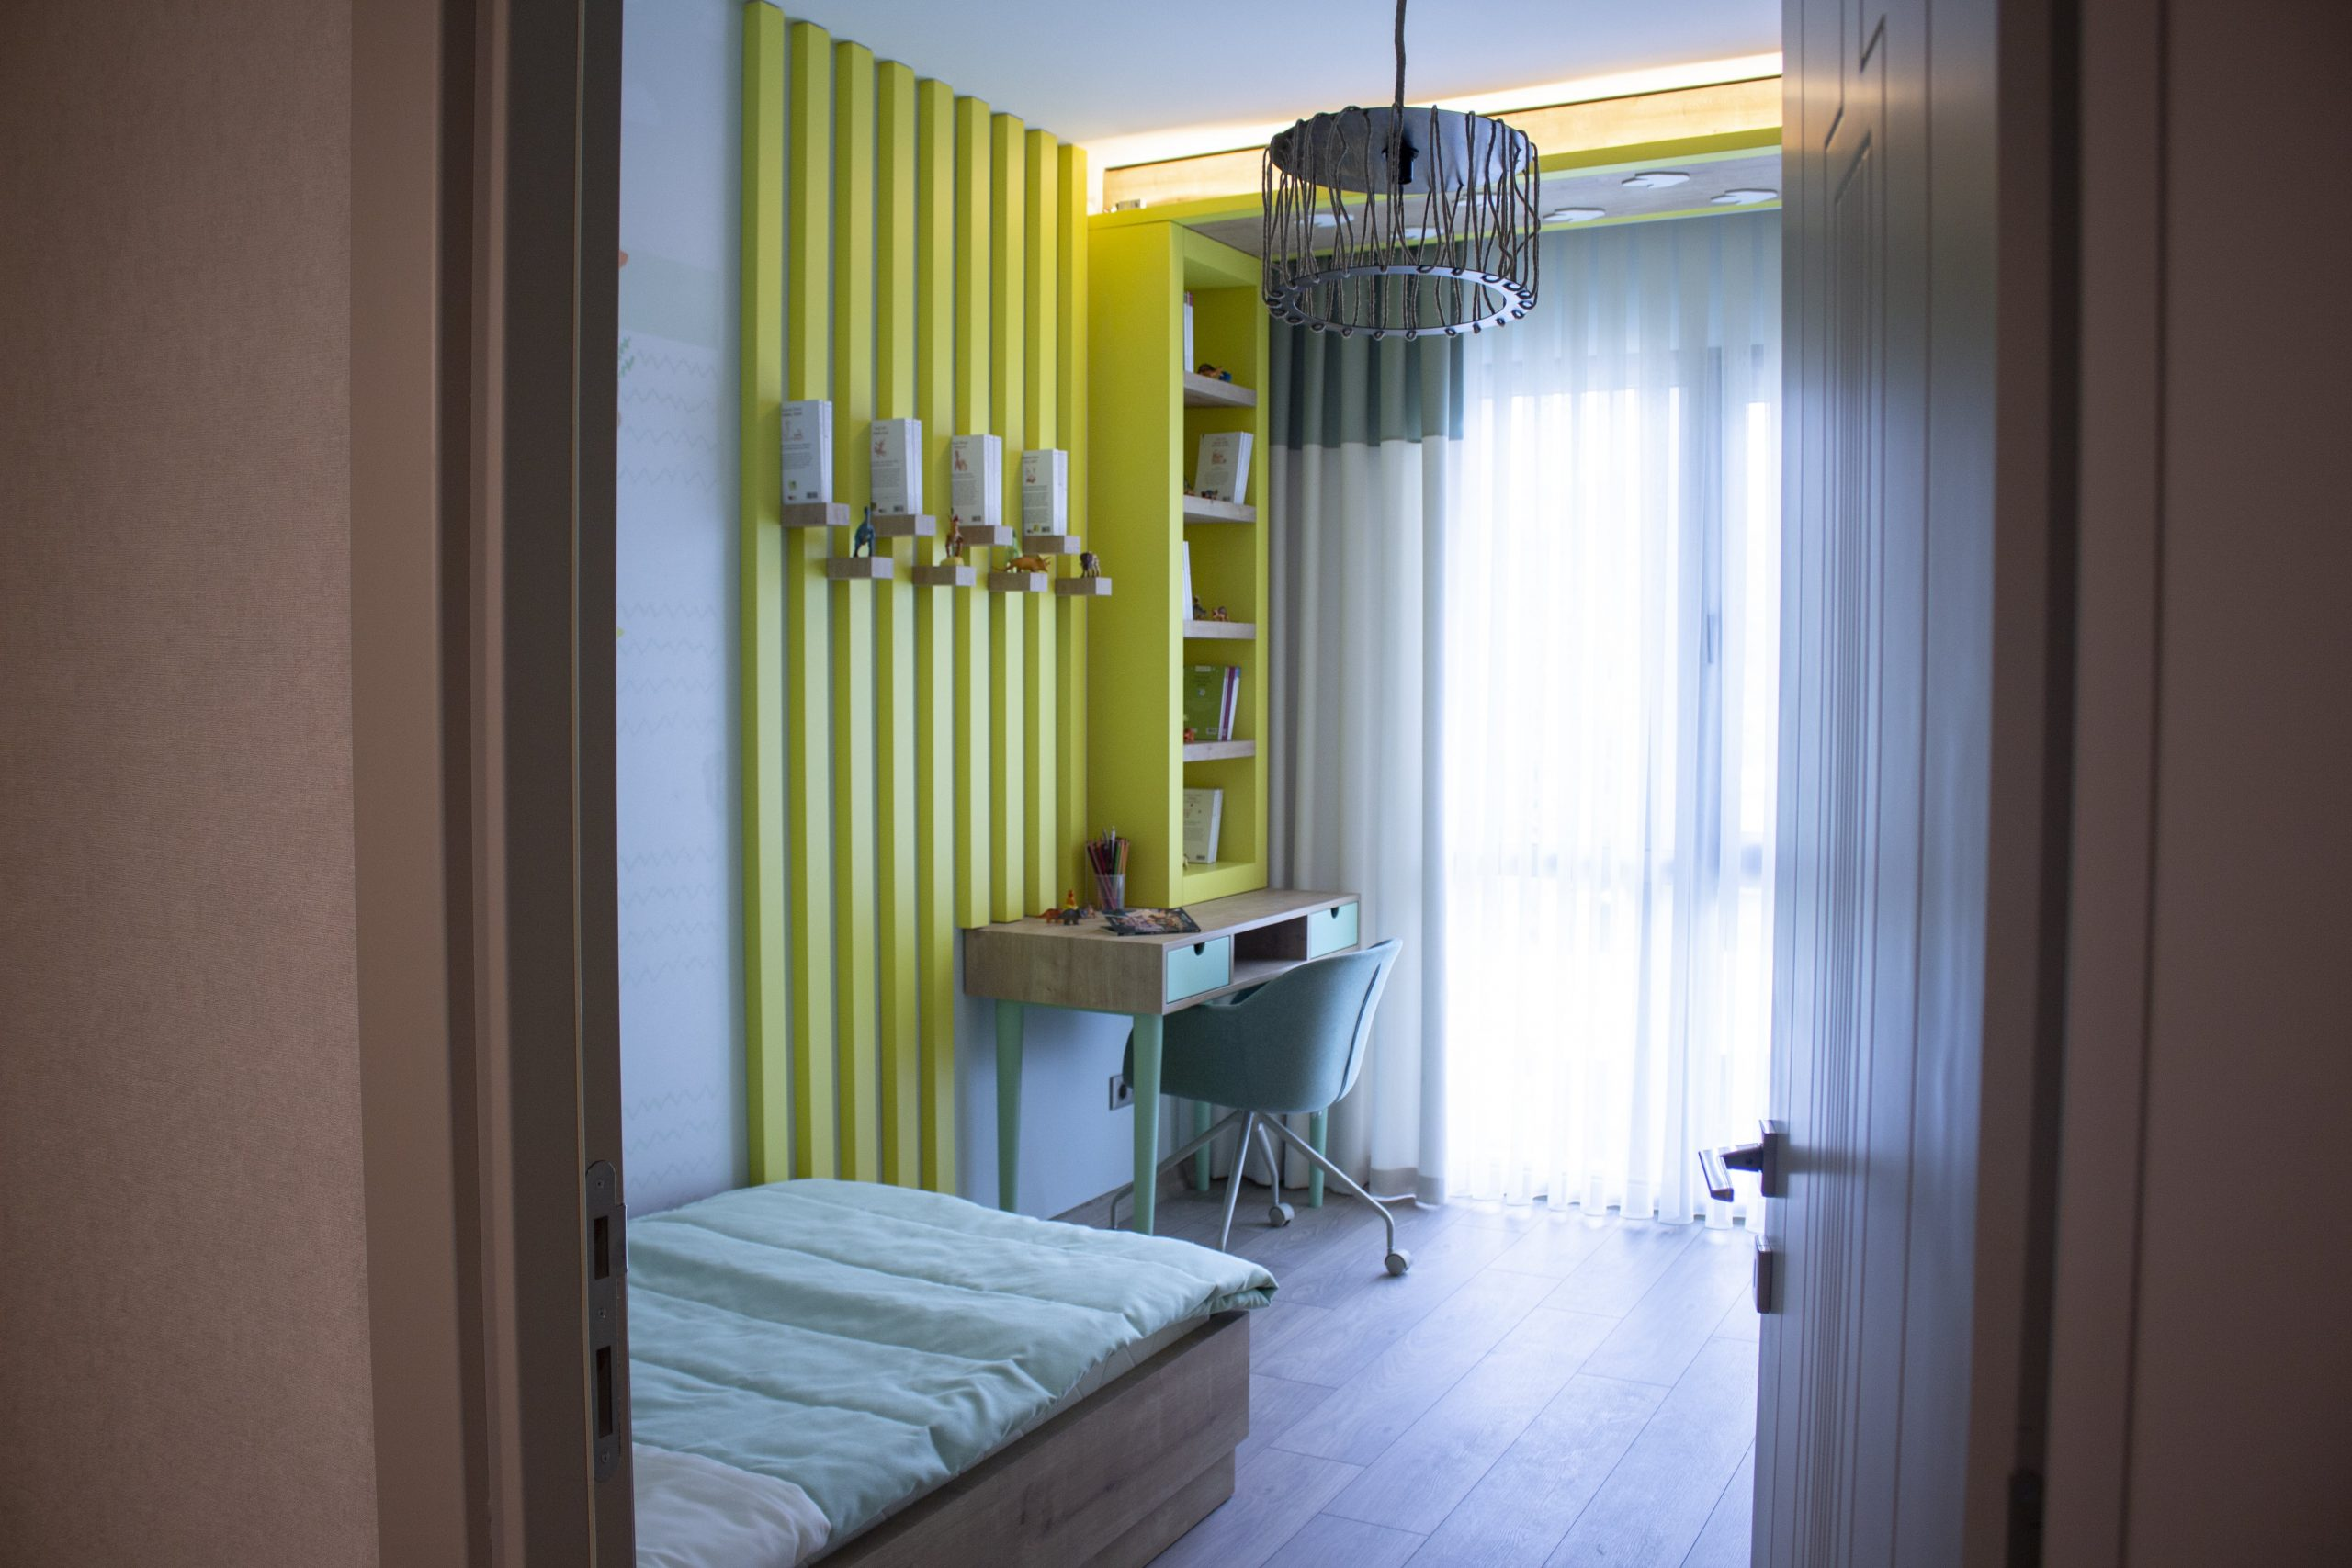 Современные квартиры различных планировок в районе Зейтинбурну - Фото 15